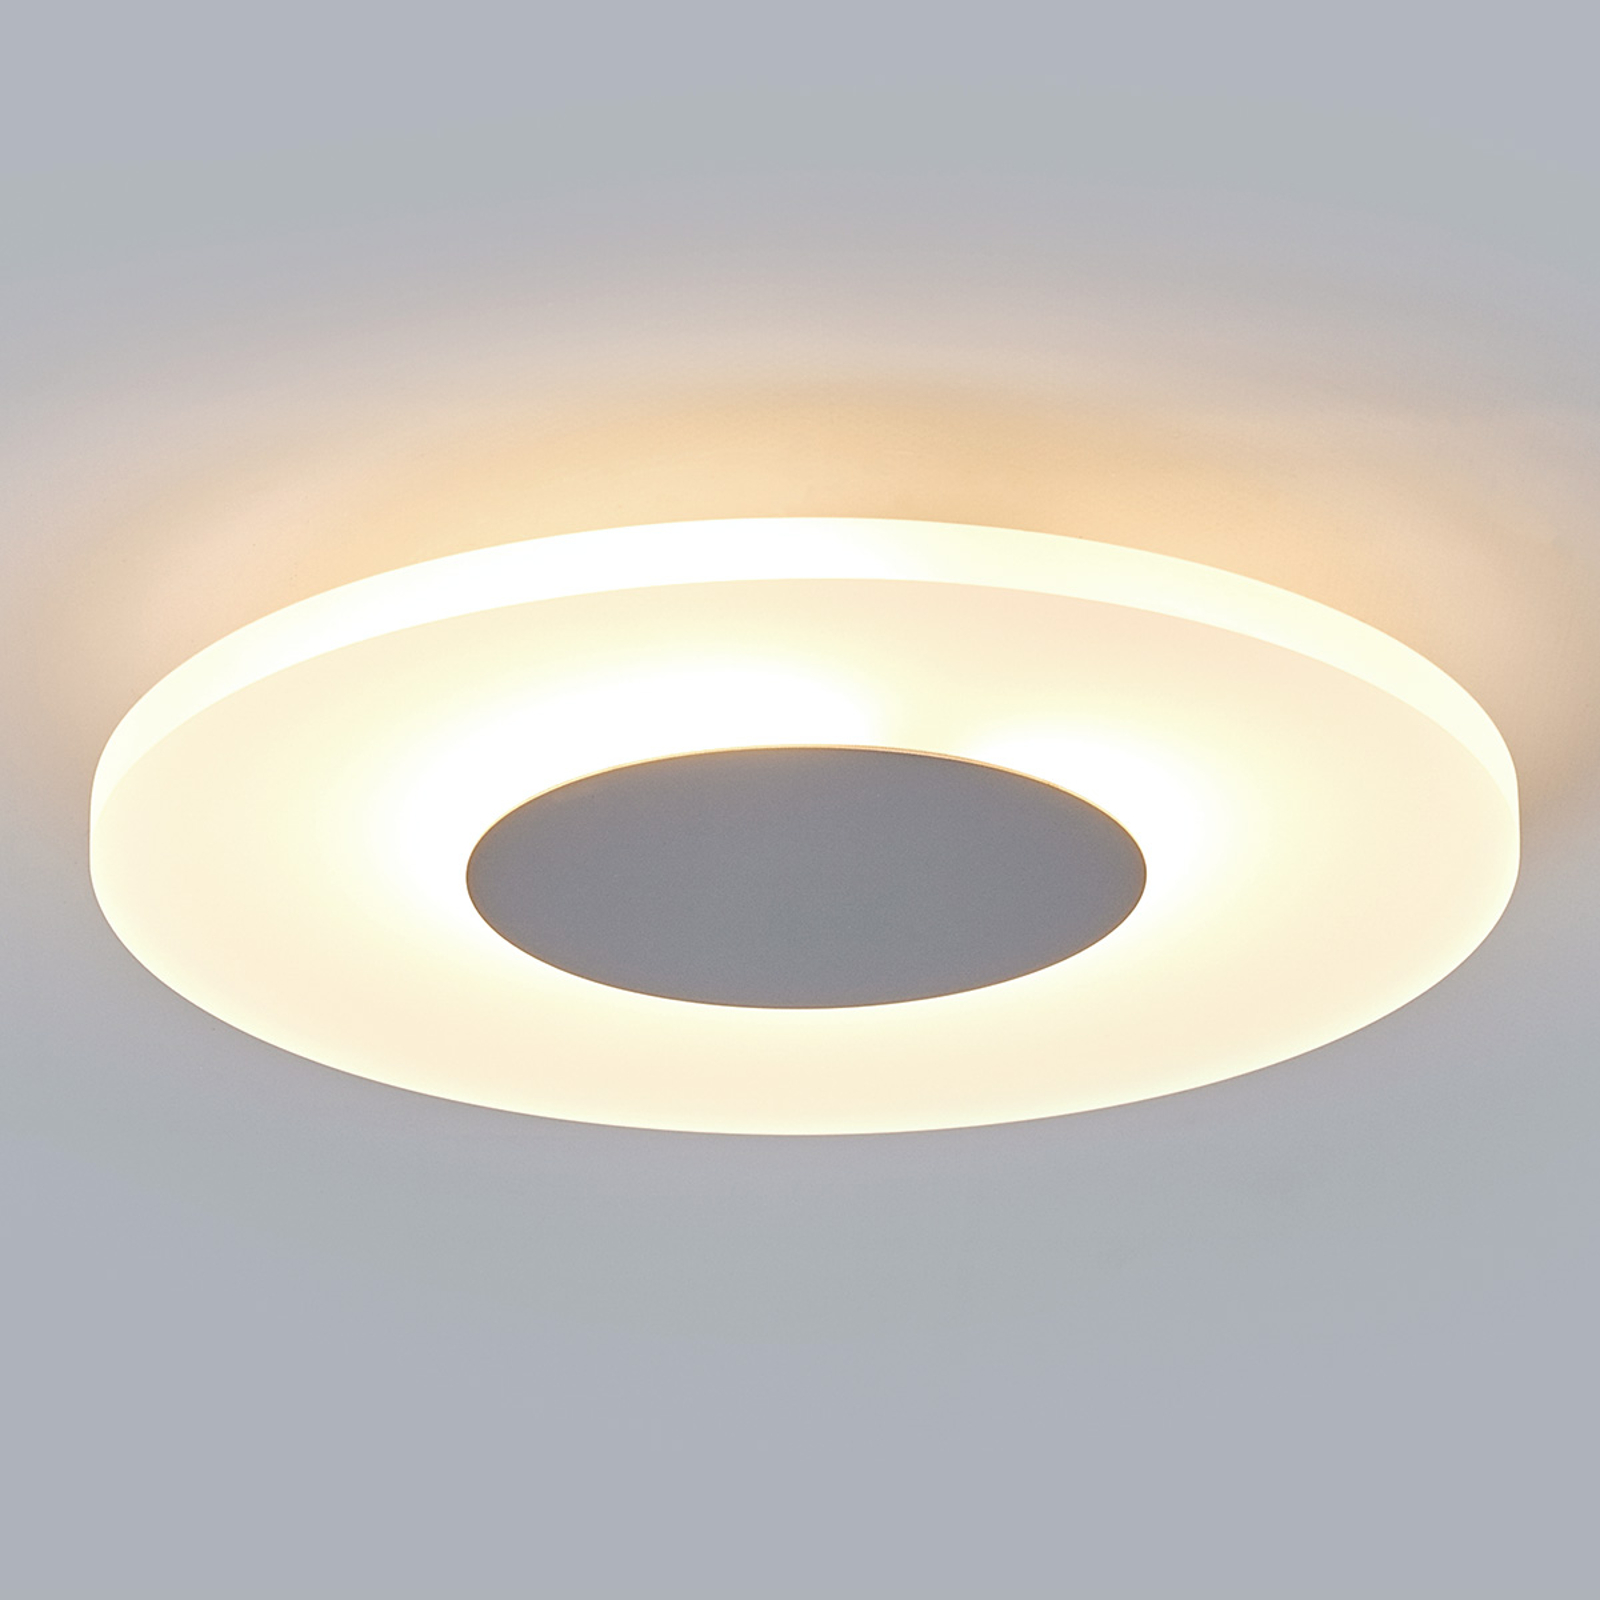 Dekorativní LED stropní svítilna Tarja